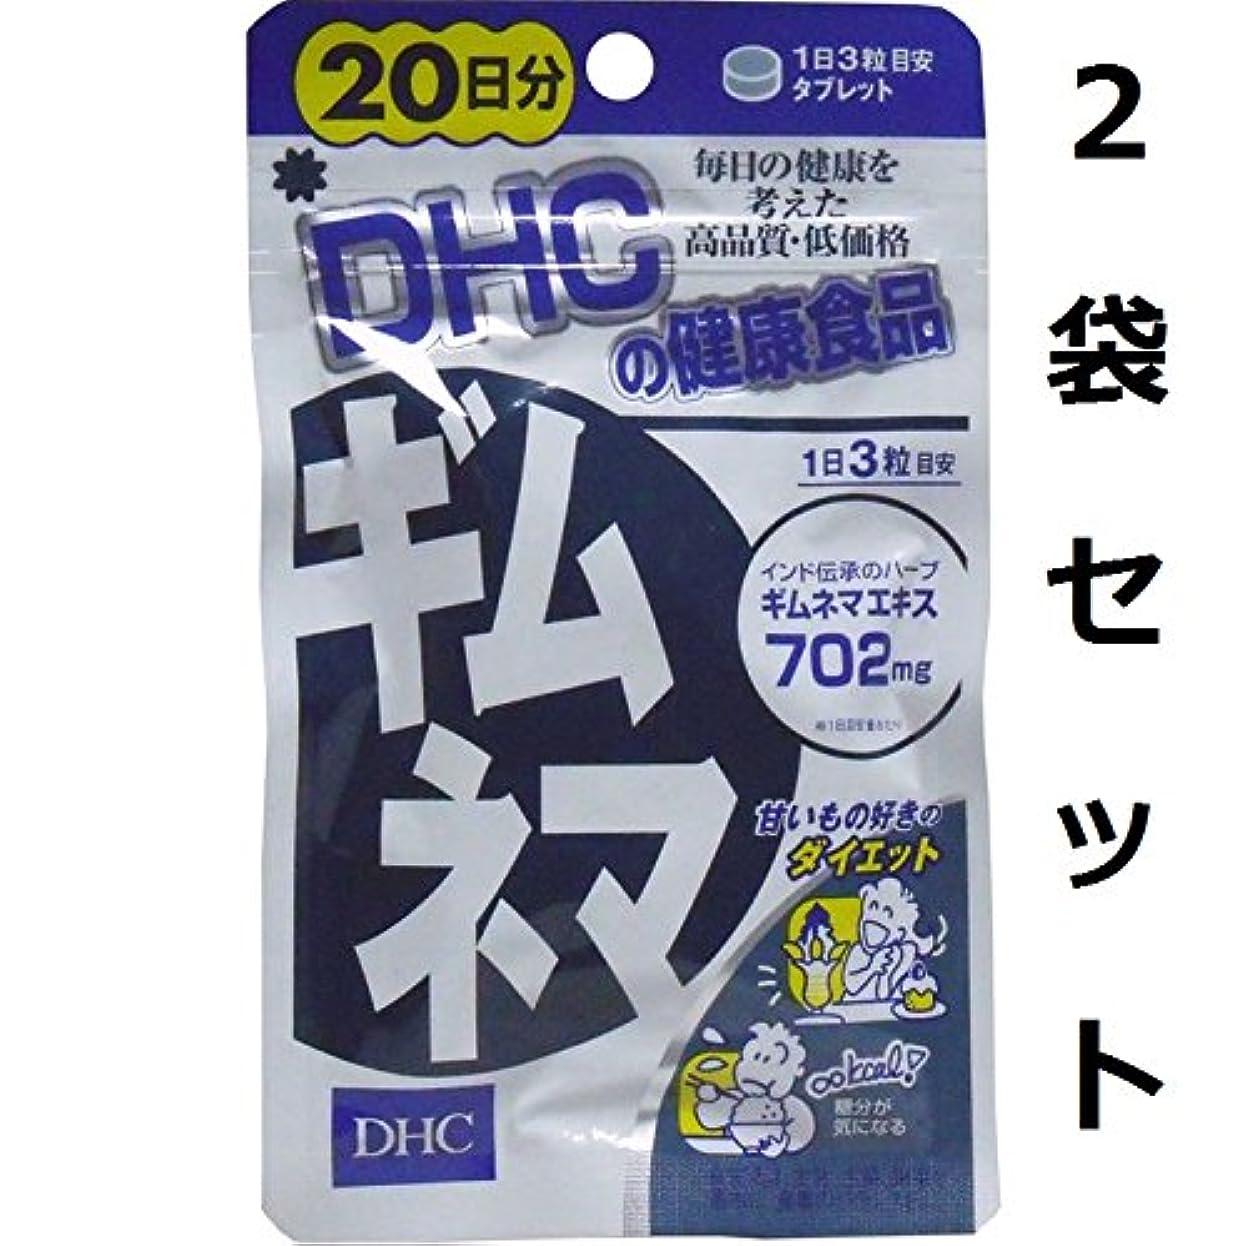 目立つ退屈させる許可我慢せずに余分な糖分をブロック DHC ギムネマ 20日分 60粒 2袋セット